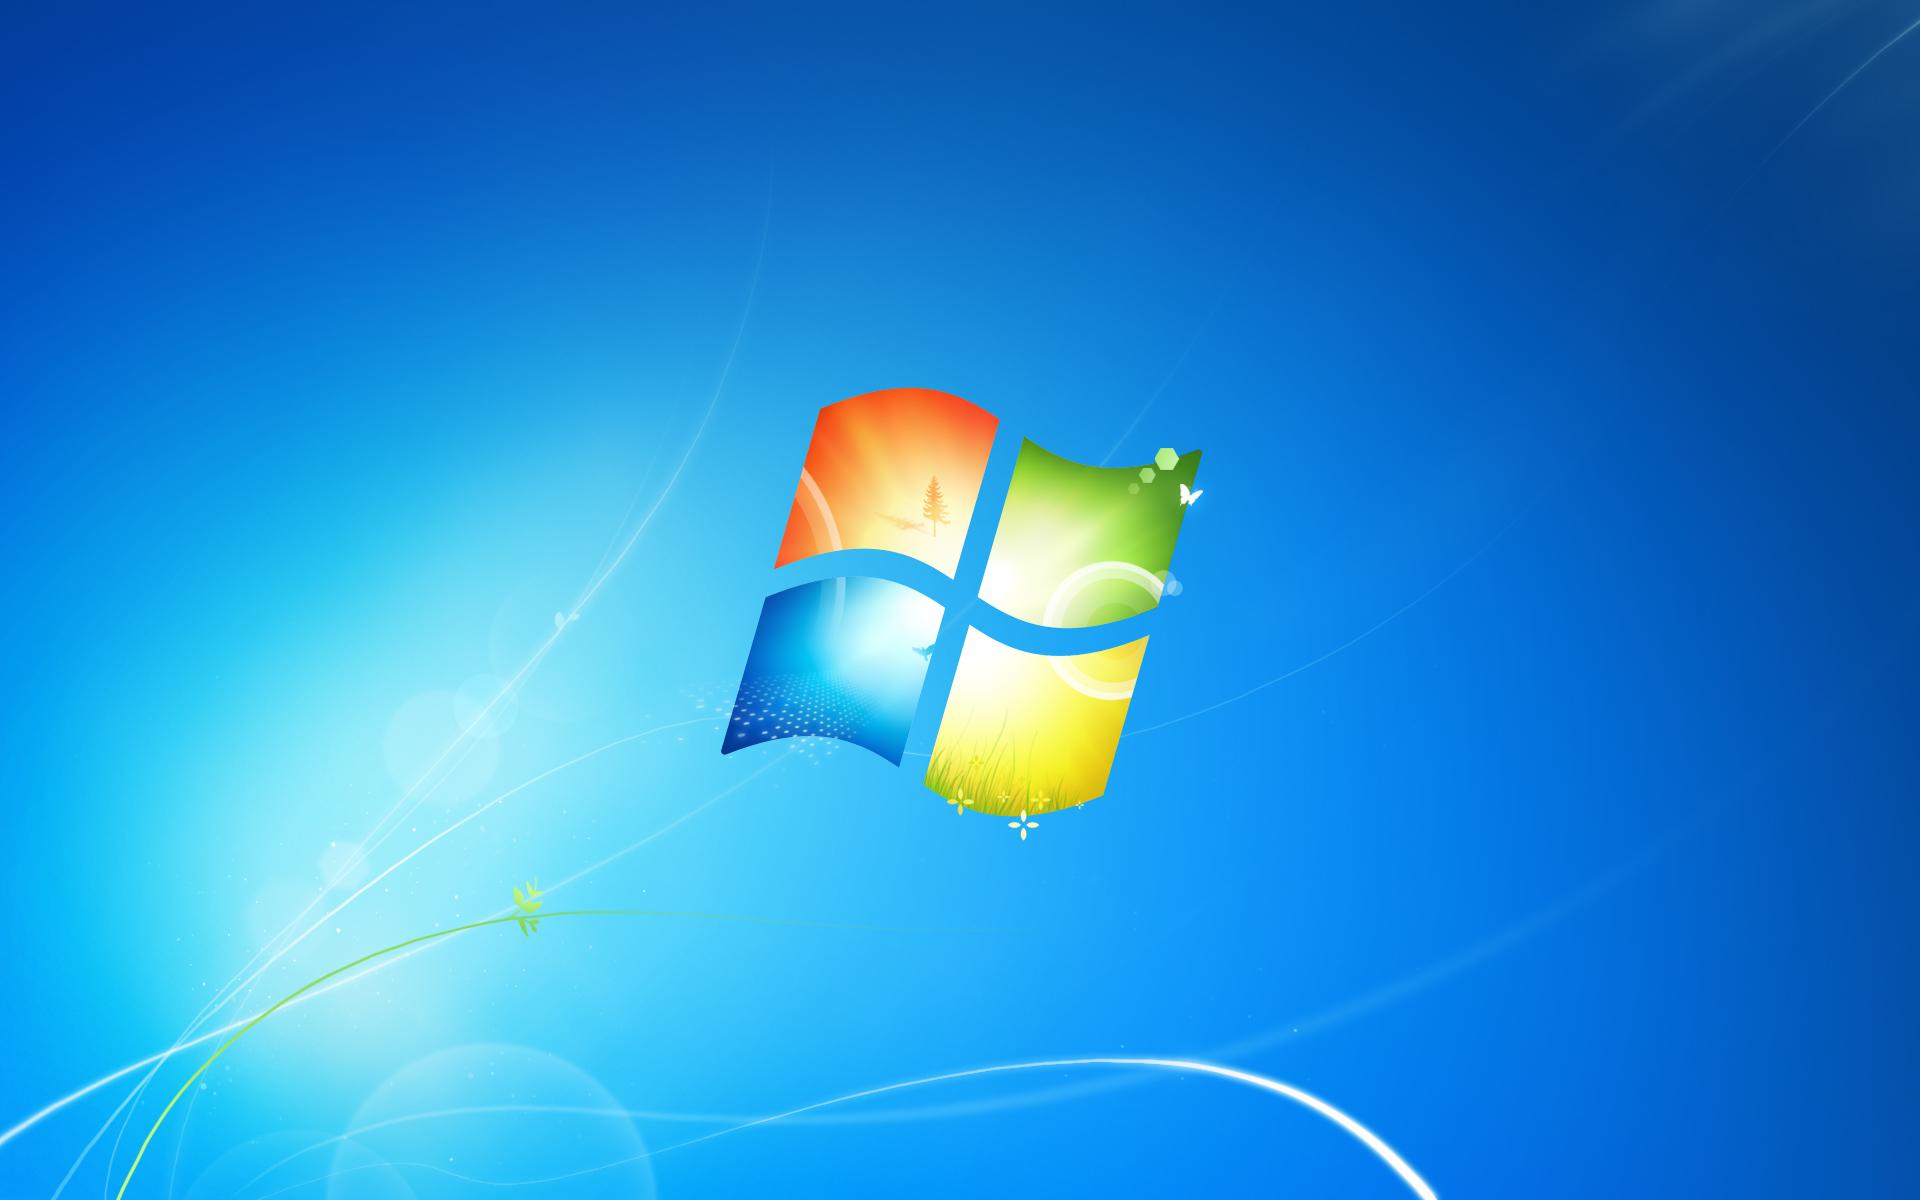 Chivalry 2 won't start on Windows 7